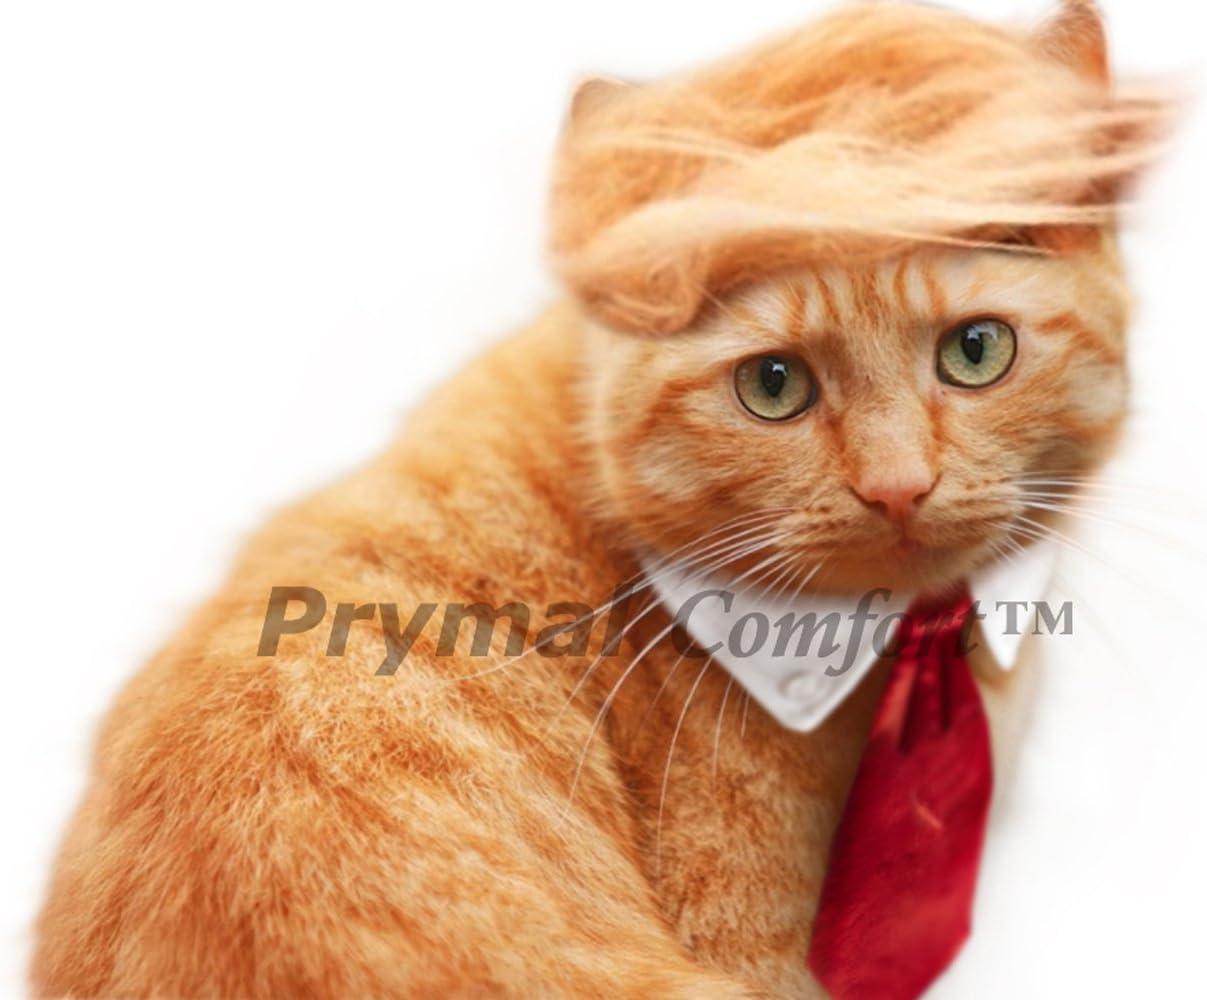 Prymal Comfort Trump Cat Disfraz y Corbata para Halloween, Fiestas ...